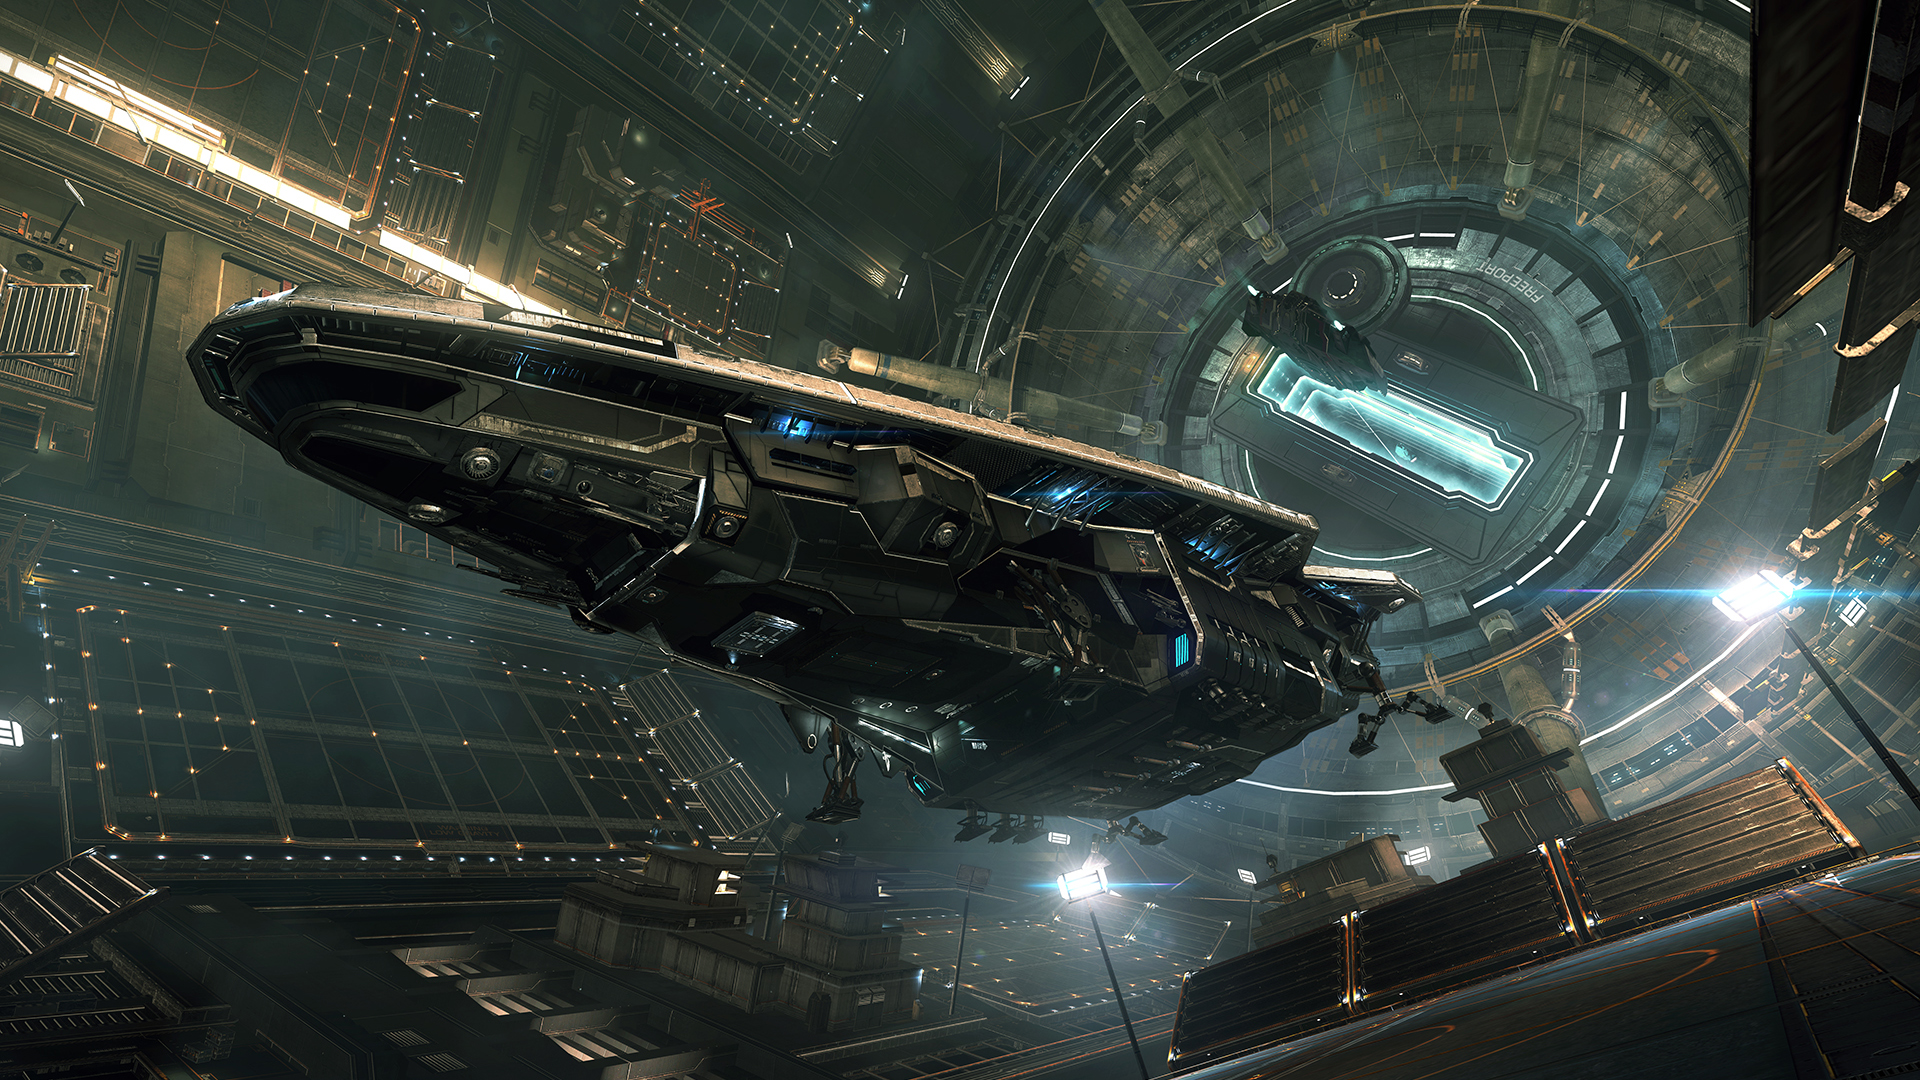 《精英:危机四伏》扩充包《Horizons》免费 已购玩家将有涂装补偿